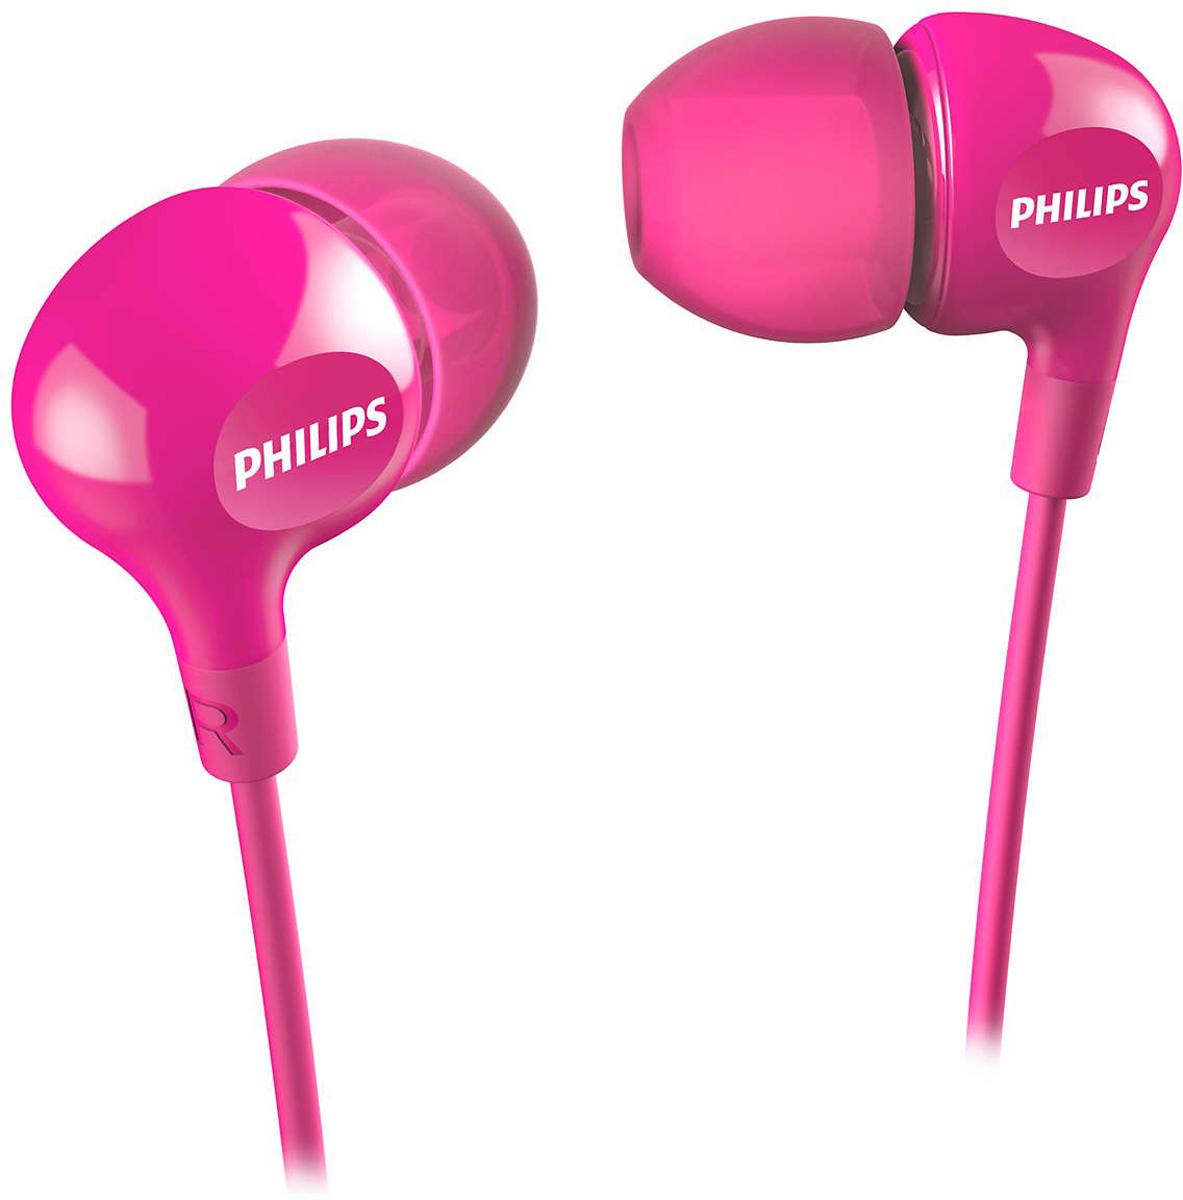 Philips SHE3550, Pink наушникиSHE3550PK/00Компактные наушники-вкладыши Philips SHE3550 с усиленным басом. Эргономичная овальная звуковая трубка обеспечивает максимально комфортную посадку, подстраиваясь под форму уха. В комплект входят насадки 3 размеров, чтобы вы могли выбрать для себя подходящий вариант.Мягкий резиновый сгиб предотвращает повреждение контактов при многократном сгибании кабеля и продлевает срок службы наушников.